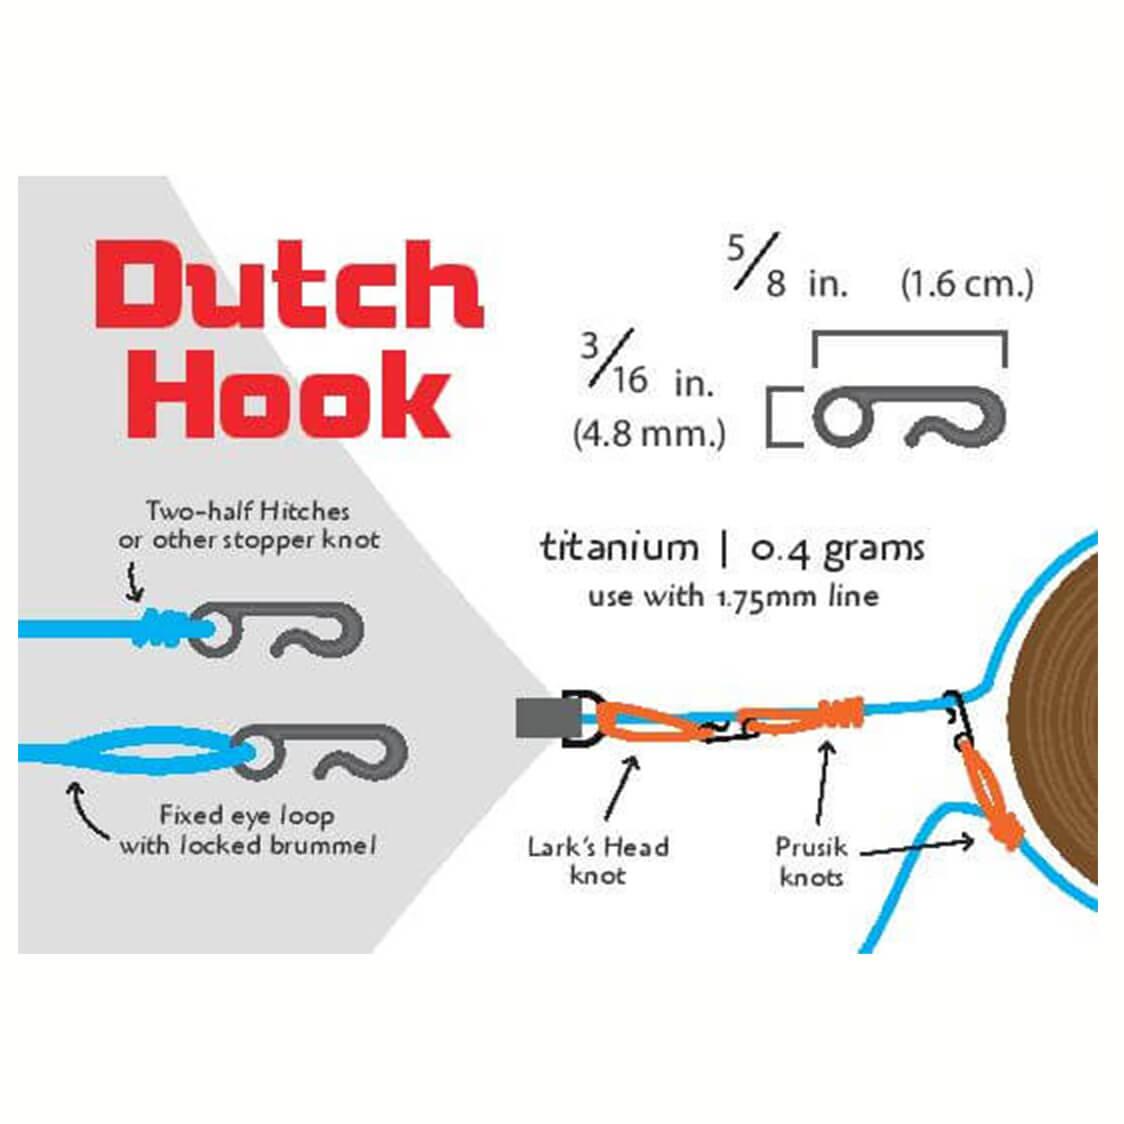 【送料無料】 ダッチウェア ギア チタン製 ダッチ フック (2個セット)  - DUTCHWARE GEAR TITANIUM DUTCH HOOKS (PAIR)